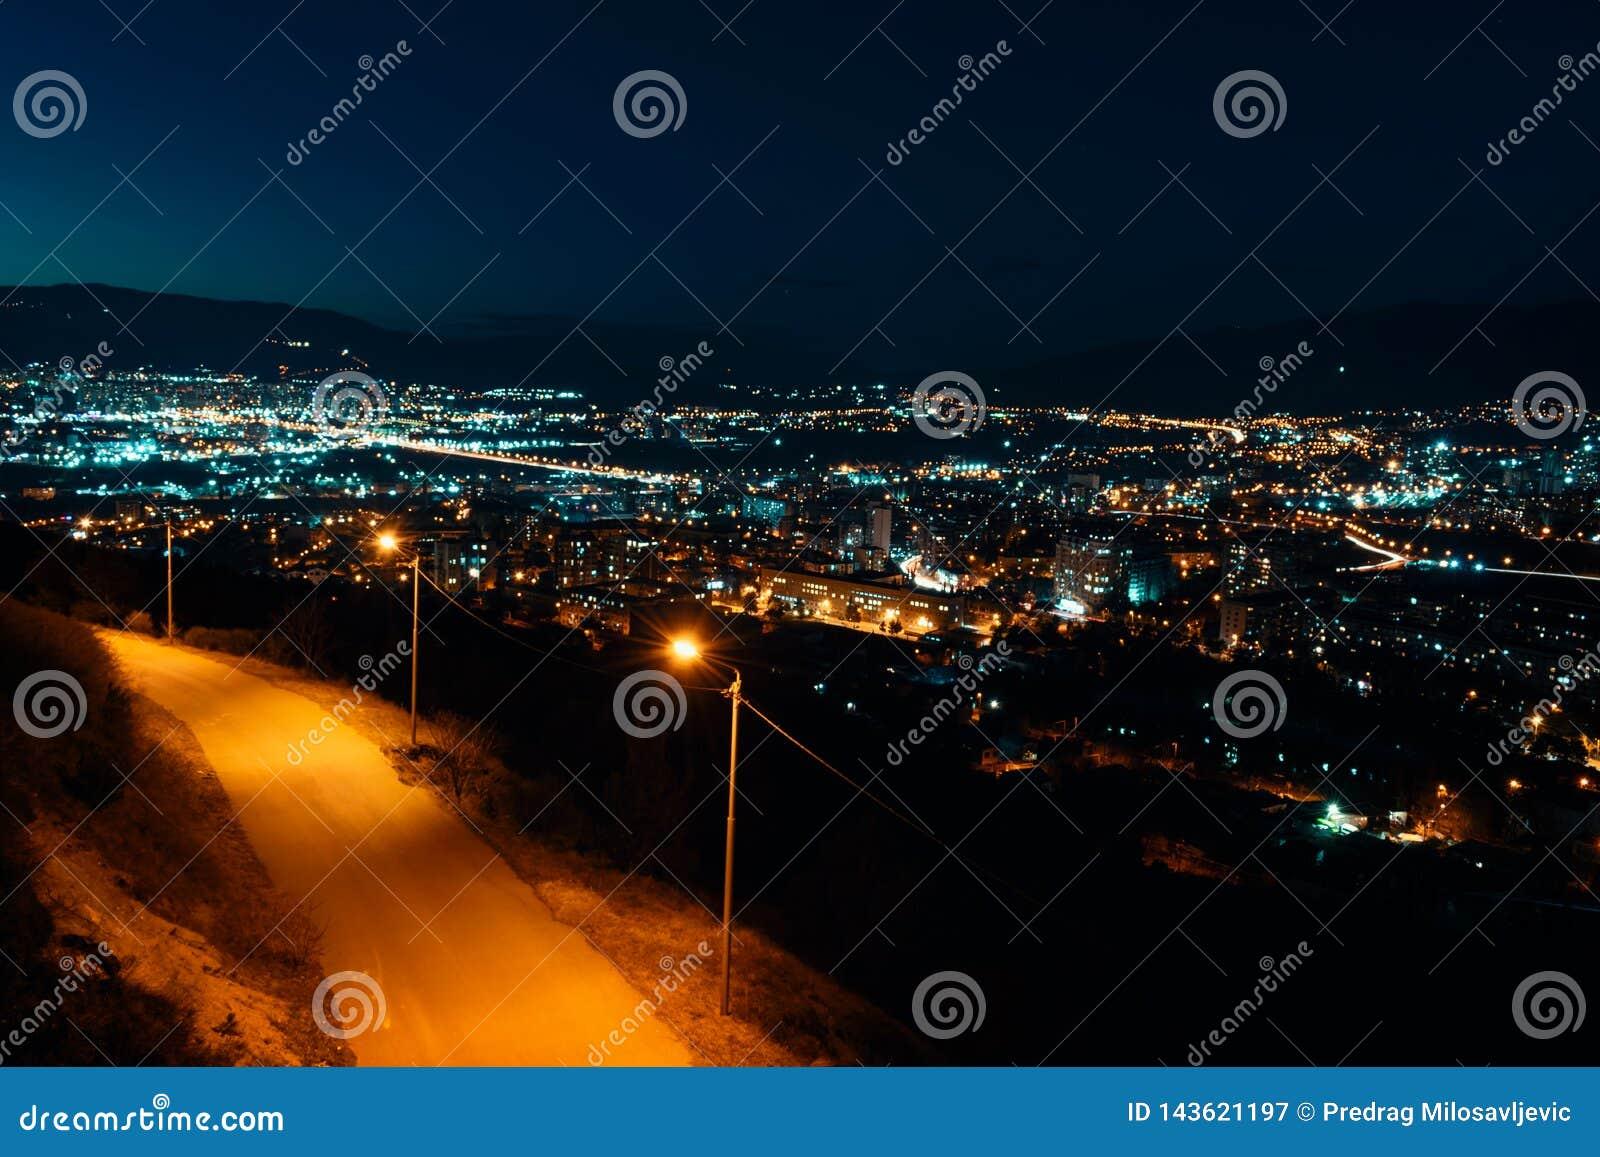 Noc widok od nadmiernego kapitału Gruzja, Tbilisi Latarnie uliczne i wzgórza otacza miasto błękitne niebo - Wizerunek